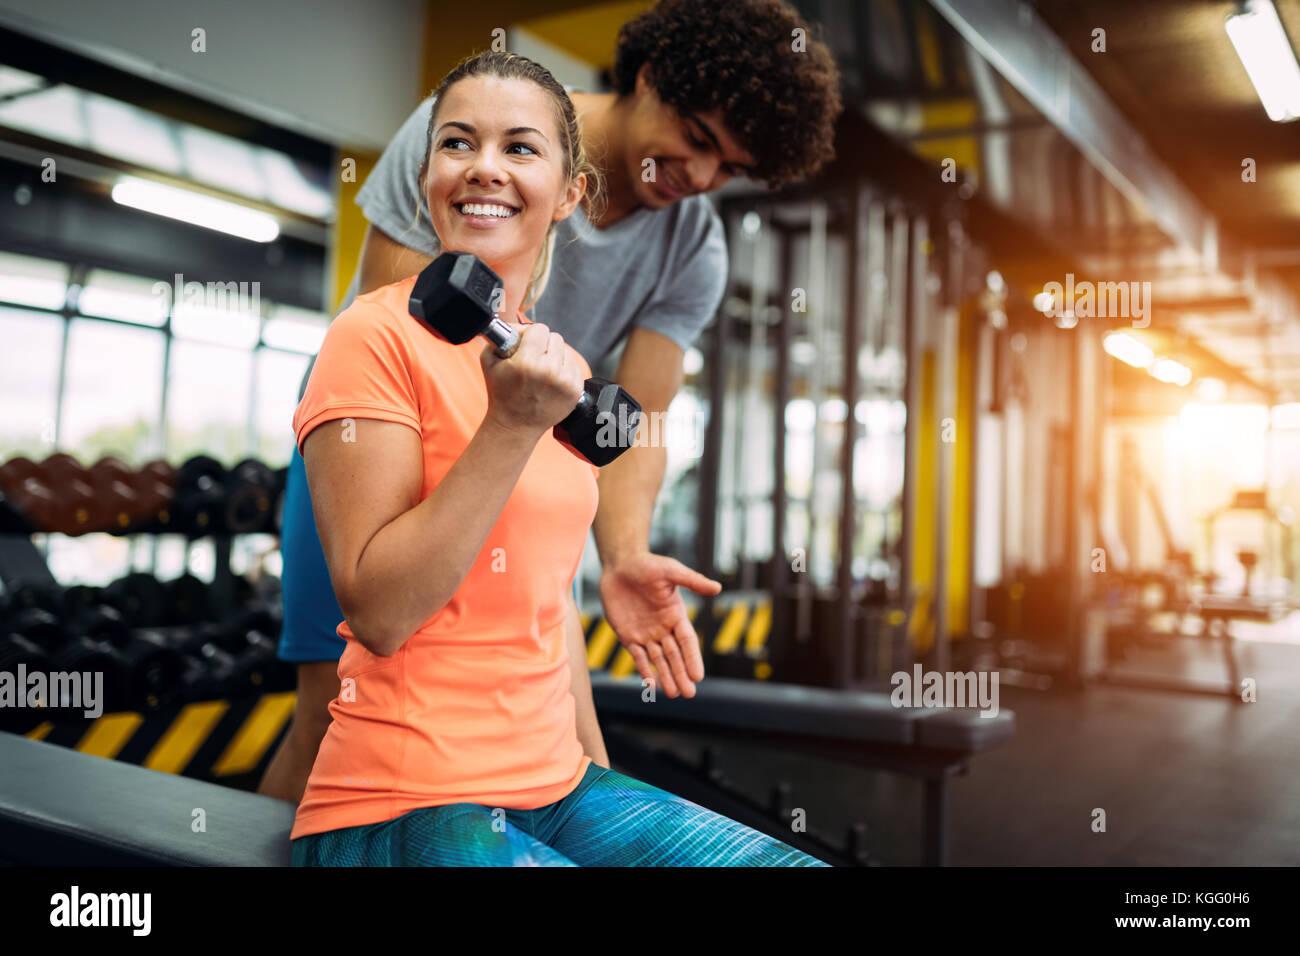 Hermosa joven mujer realizando ejercicios con entrenador personal Foto de stock